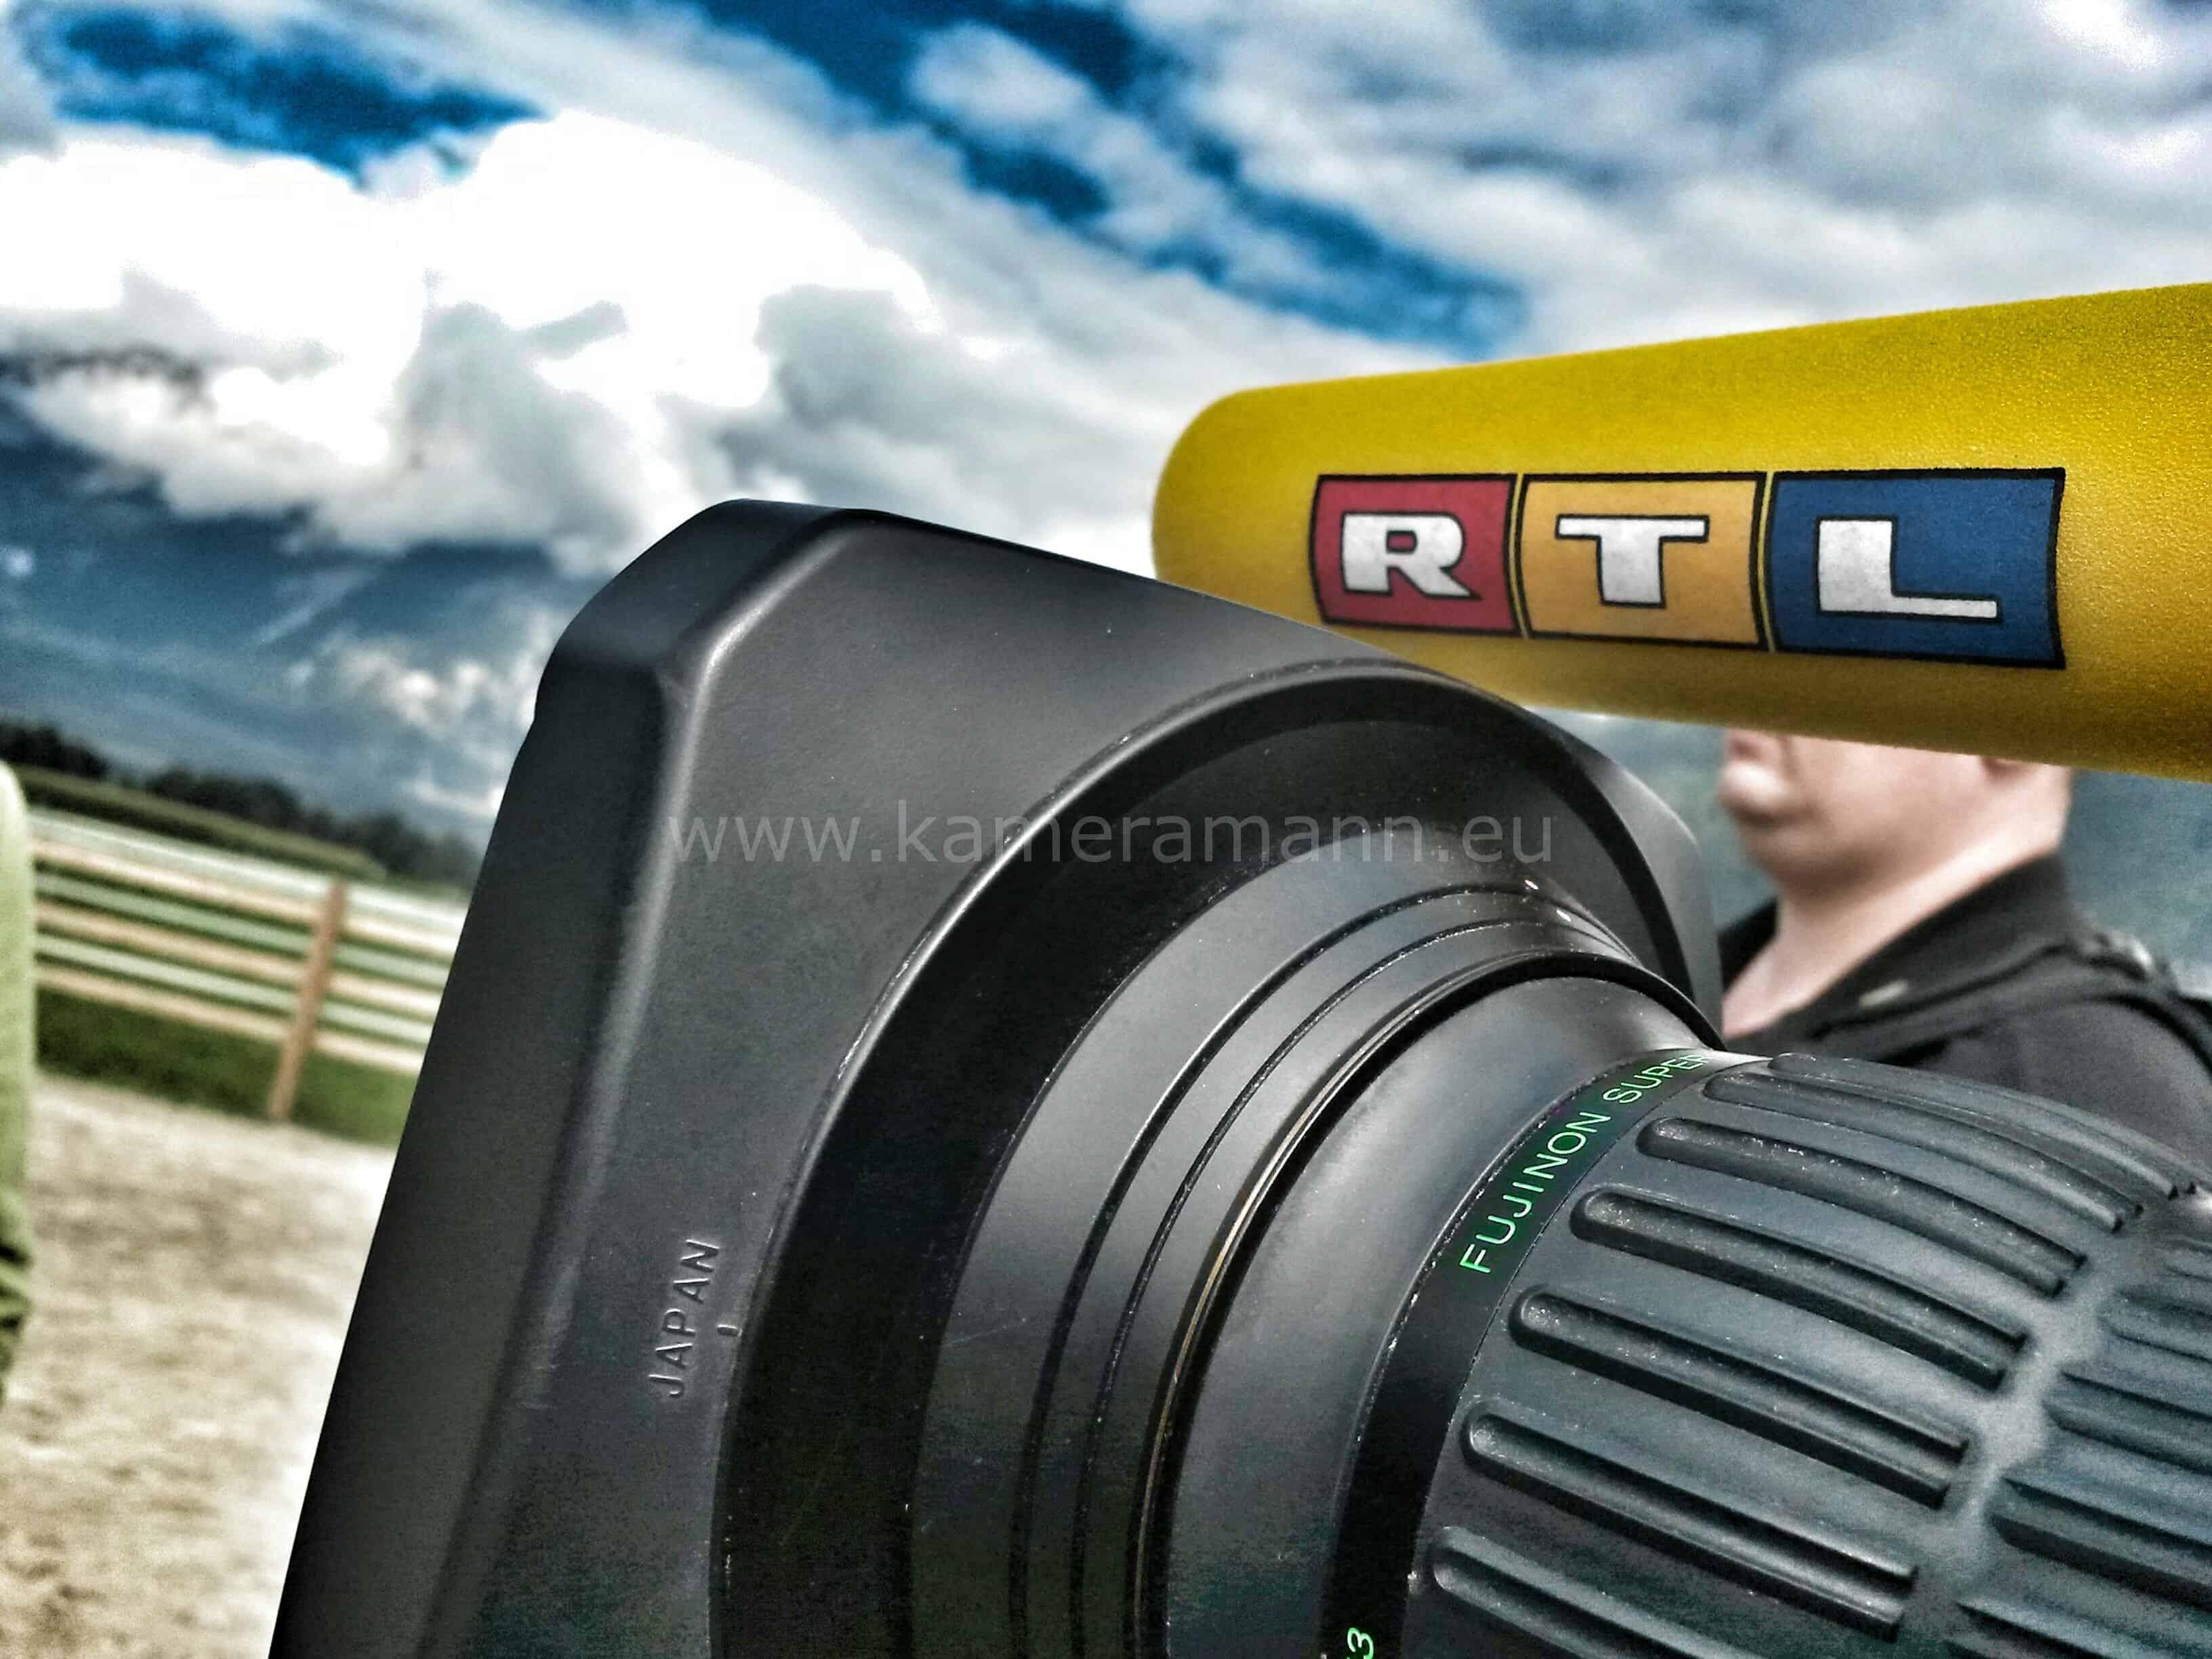 rtl dreharbeiten - RTL -  Dreharbeiten mit Cathy und Richard Lugner